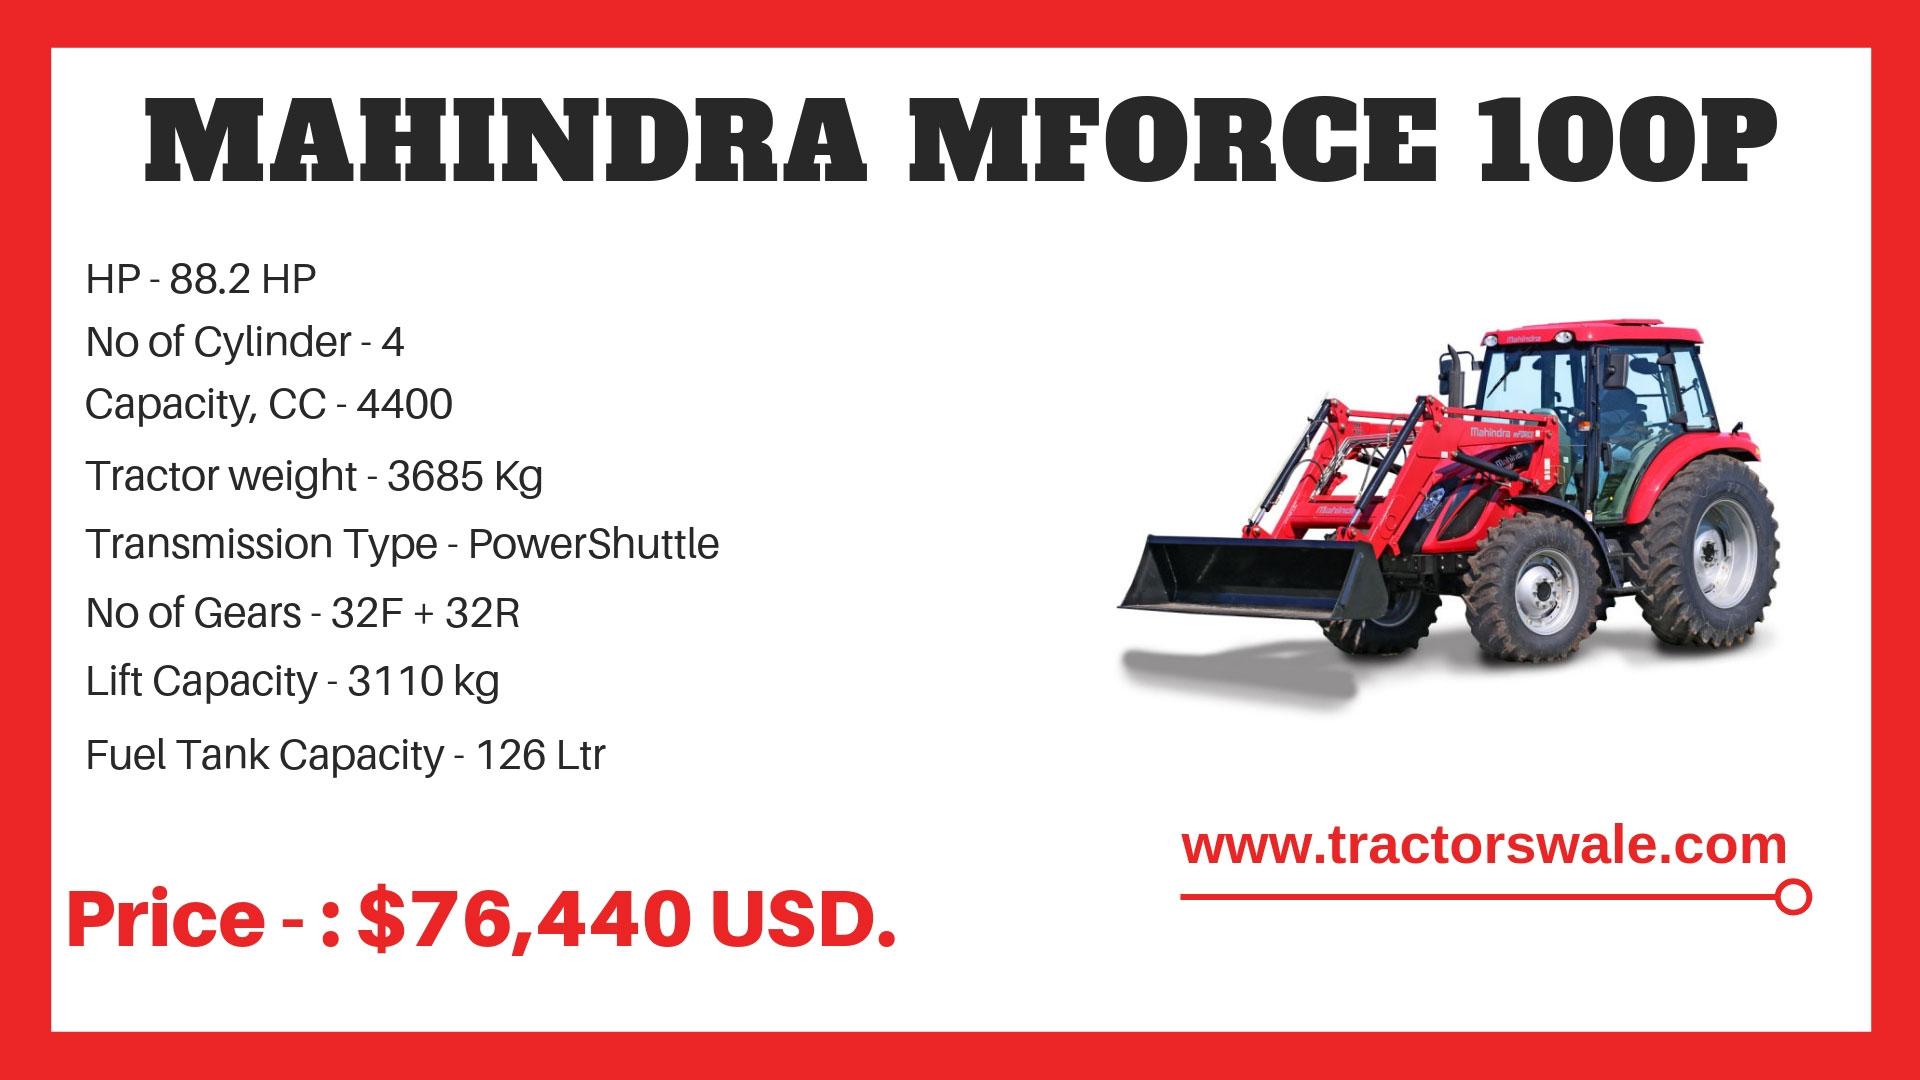 Mahindra MForce 100P specification